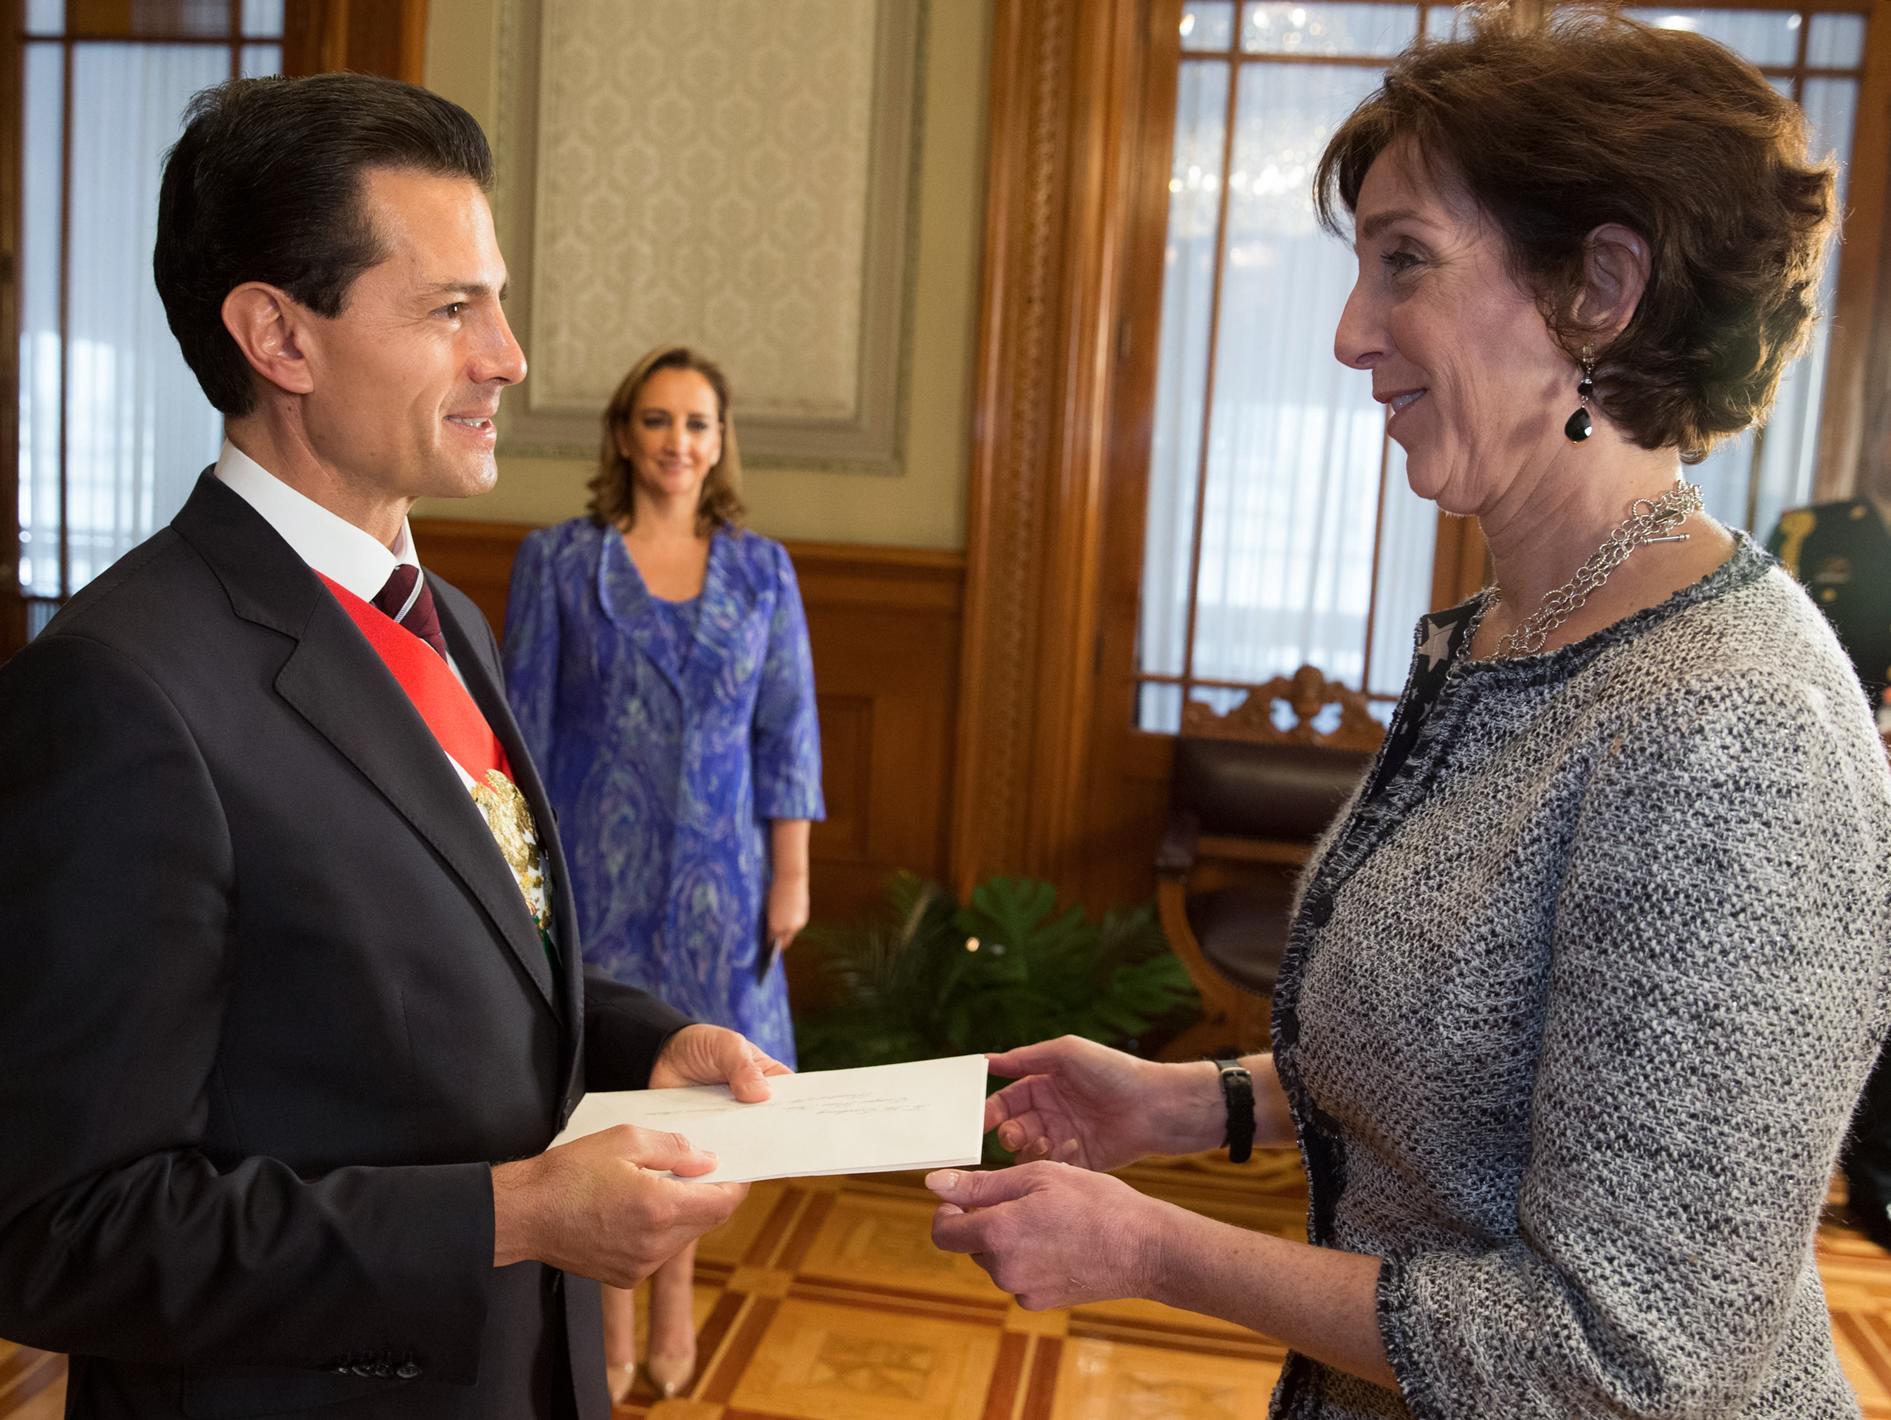 El Primer Mandatario recibe la Cartas Credenciales de la señora Roberta Jacobson, embajadora de los Estados Unidos.